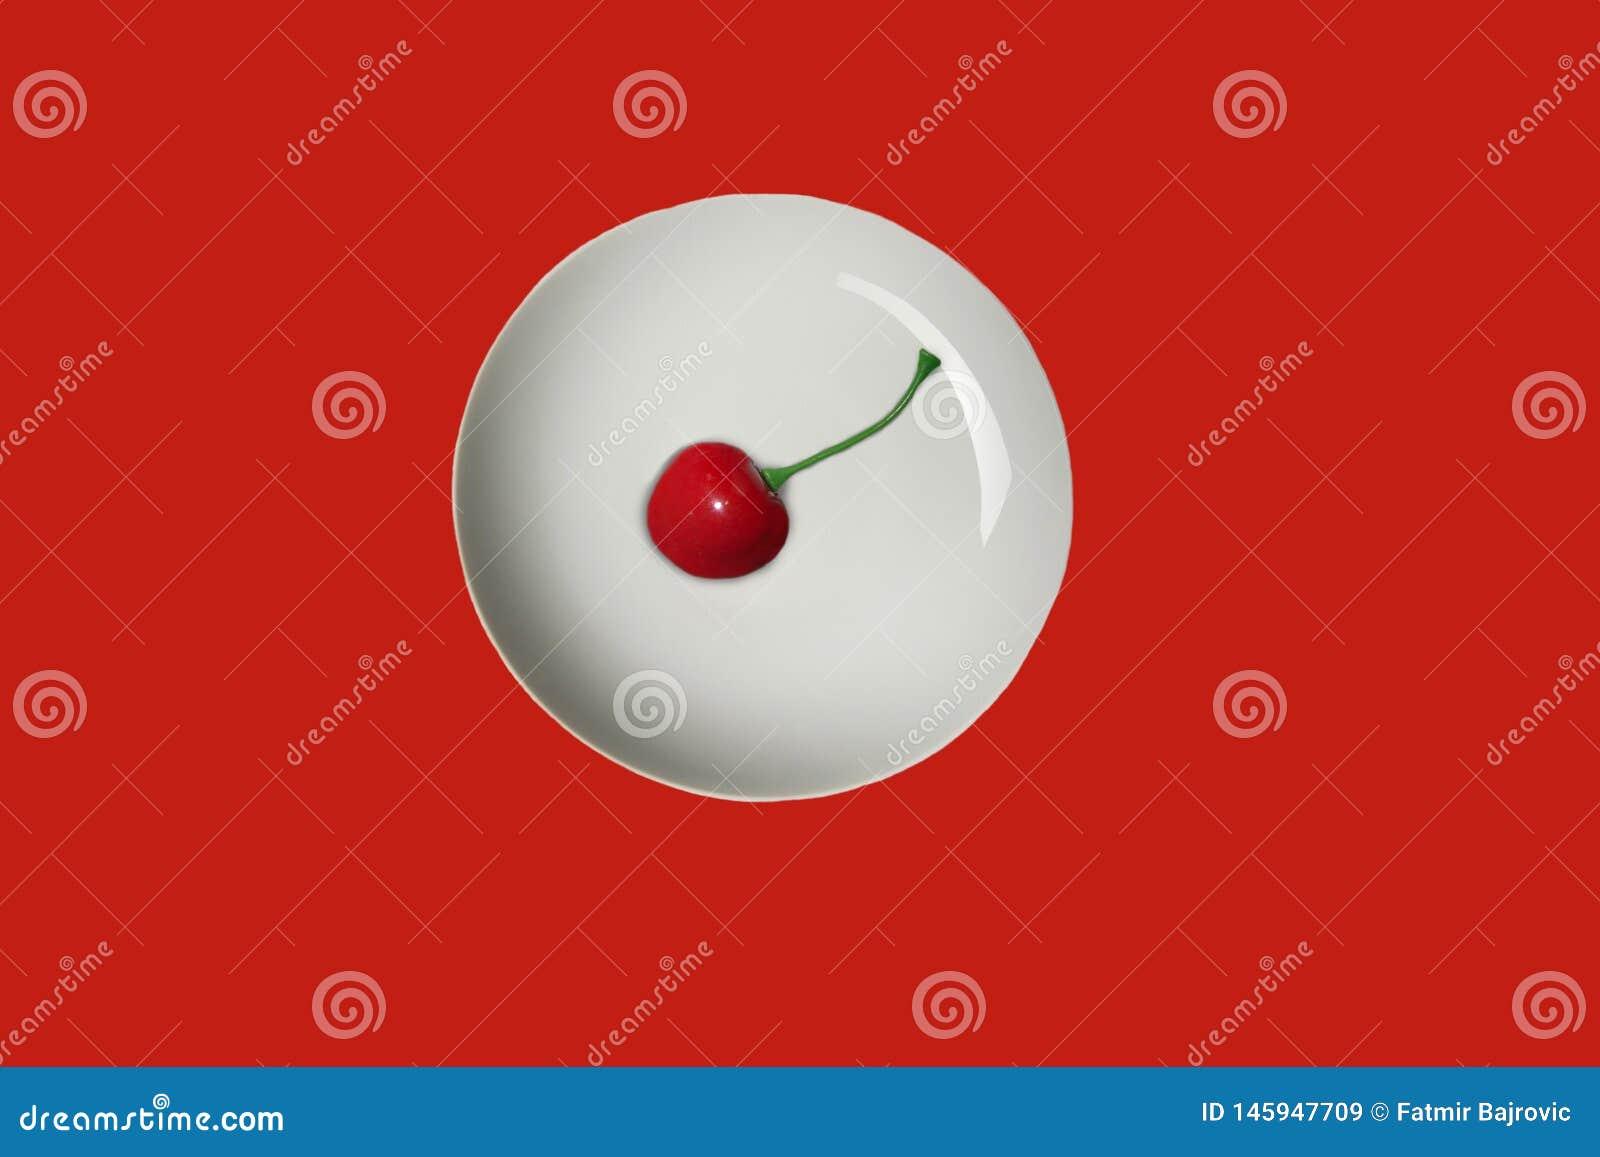 Minimalizm w fotografii Jeden dojrza?a, ?wie?a, soczysta i smakowita wi?nia w bia?ym talerzu, czerwieni powierzchnia